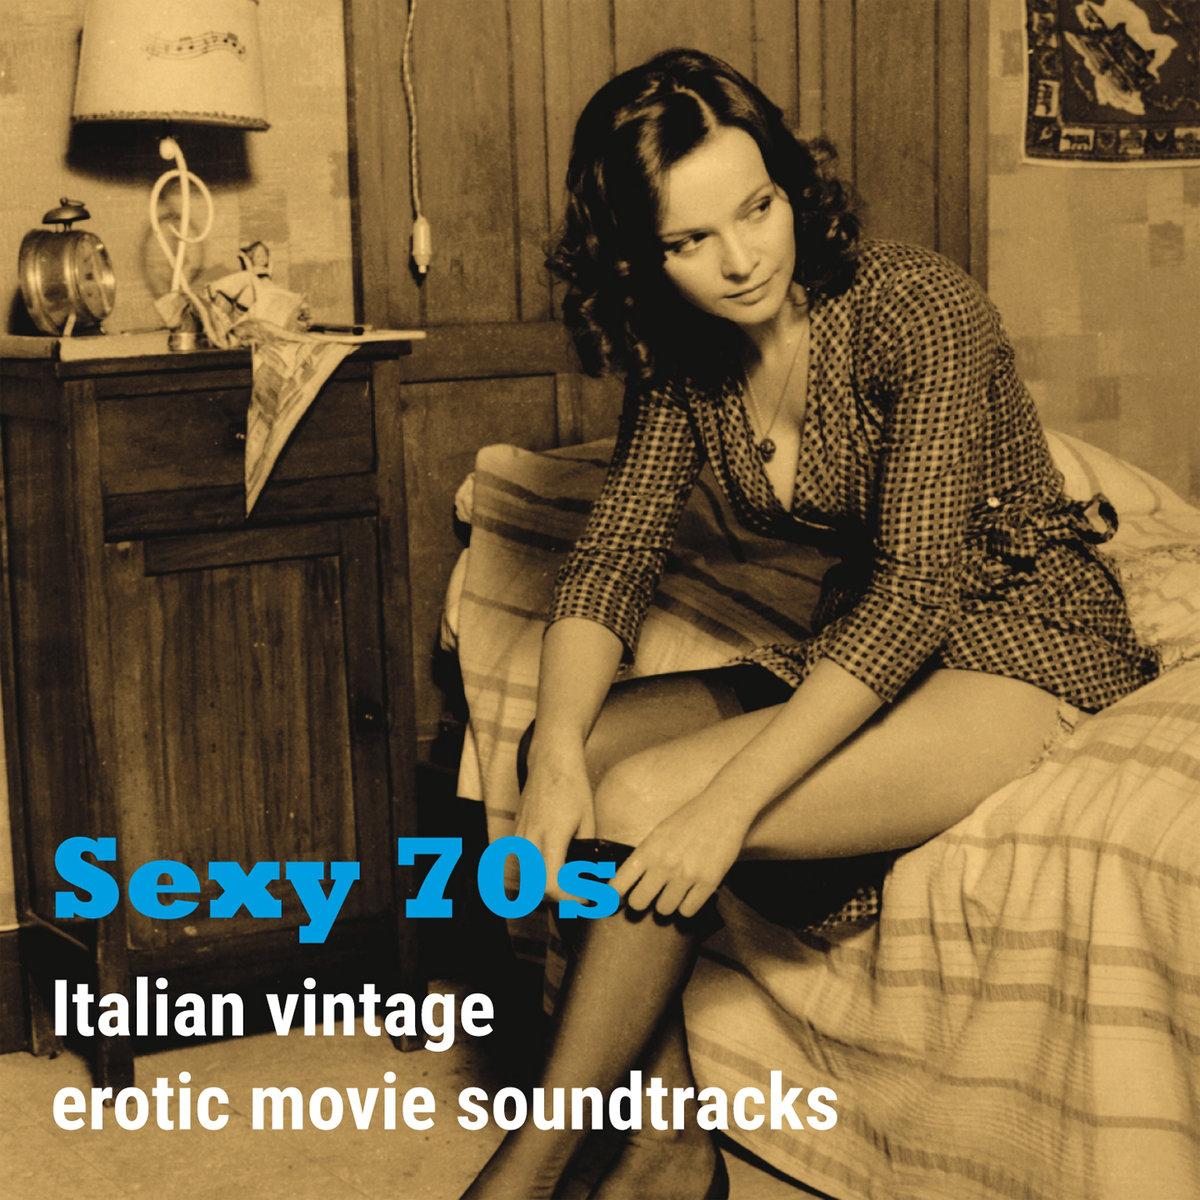 Sexy 70s Italian Vintage Erotic Movie Soundtracks музыка